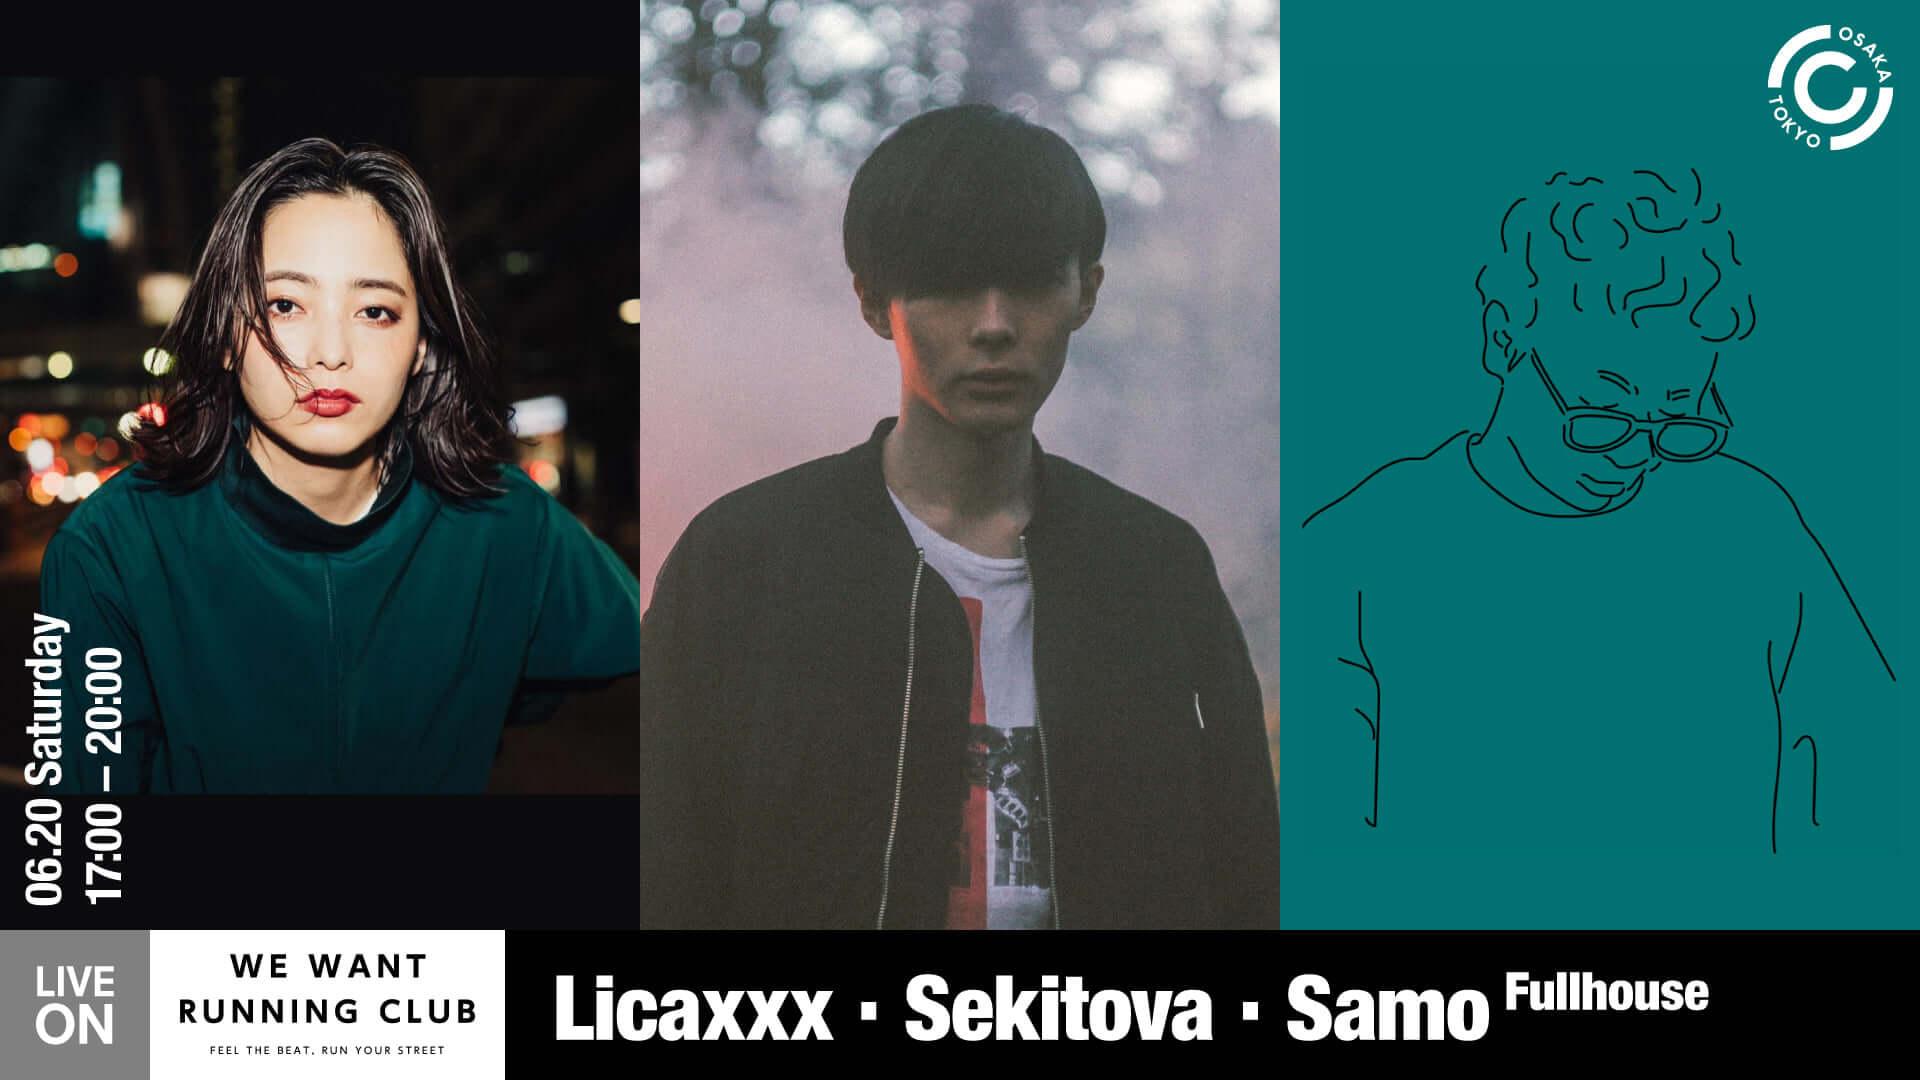 RUN用のミックスを楽しめる<WE WANT RUNNING CLUB>が2度目の配信を実施!Licaxxx、Sekitovaが参加 music200610_wewant_runningclub_02-1920x1080